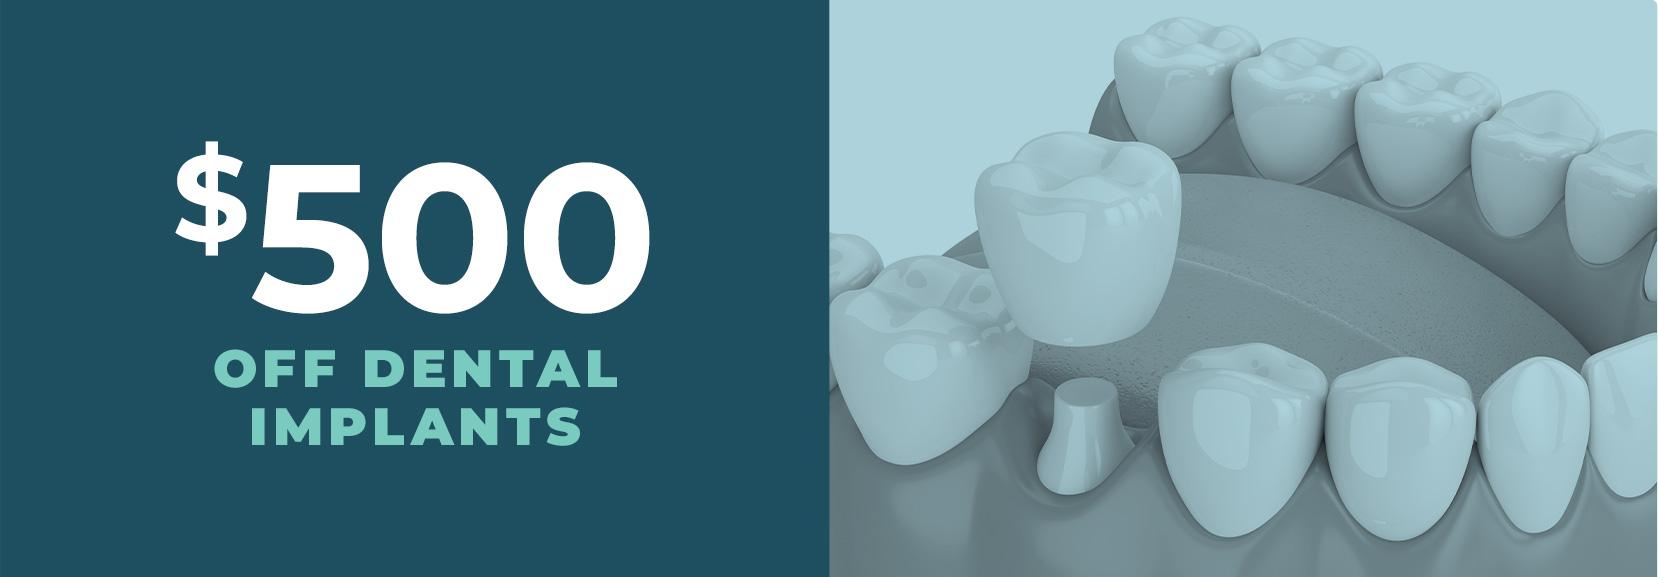 $500 off dental implants